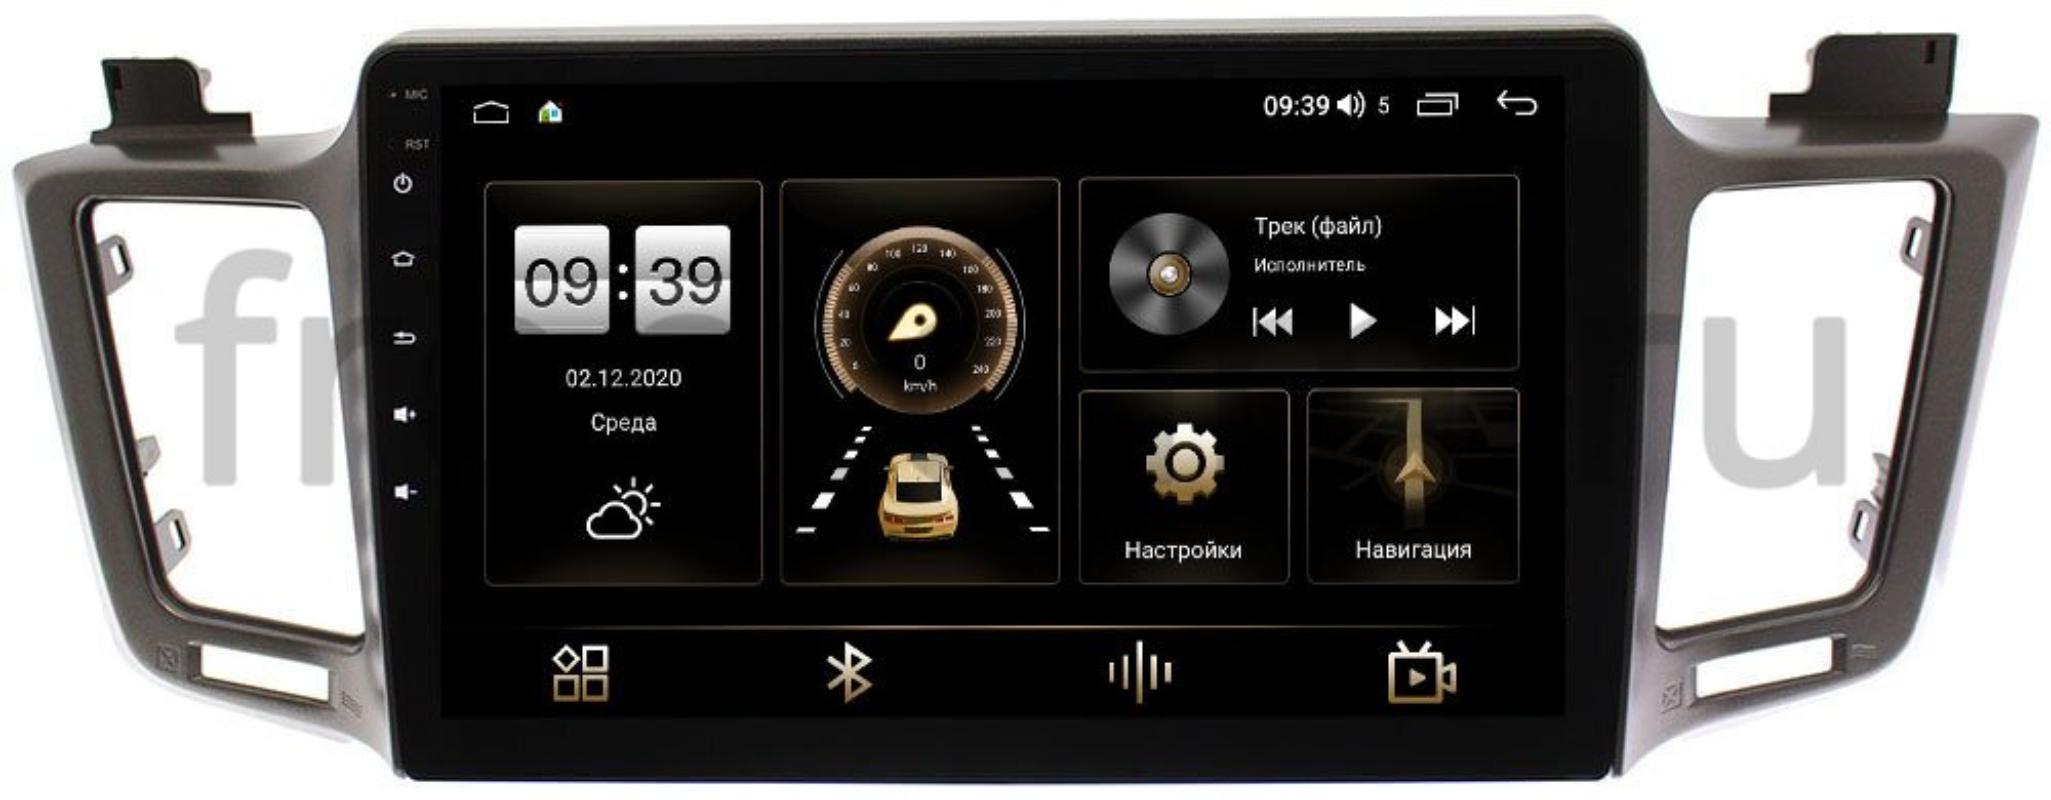 Штатная магнитола LeTrun 4195-1030 для Toyota RAV4 (CA40) 2013-2019 (для авто c 4 камерами) на Android 10 (6/128, DSP, QLed) С оптическим выходом (+ Камера заднего вида в подарок!)